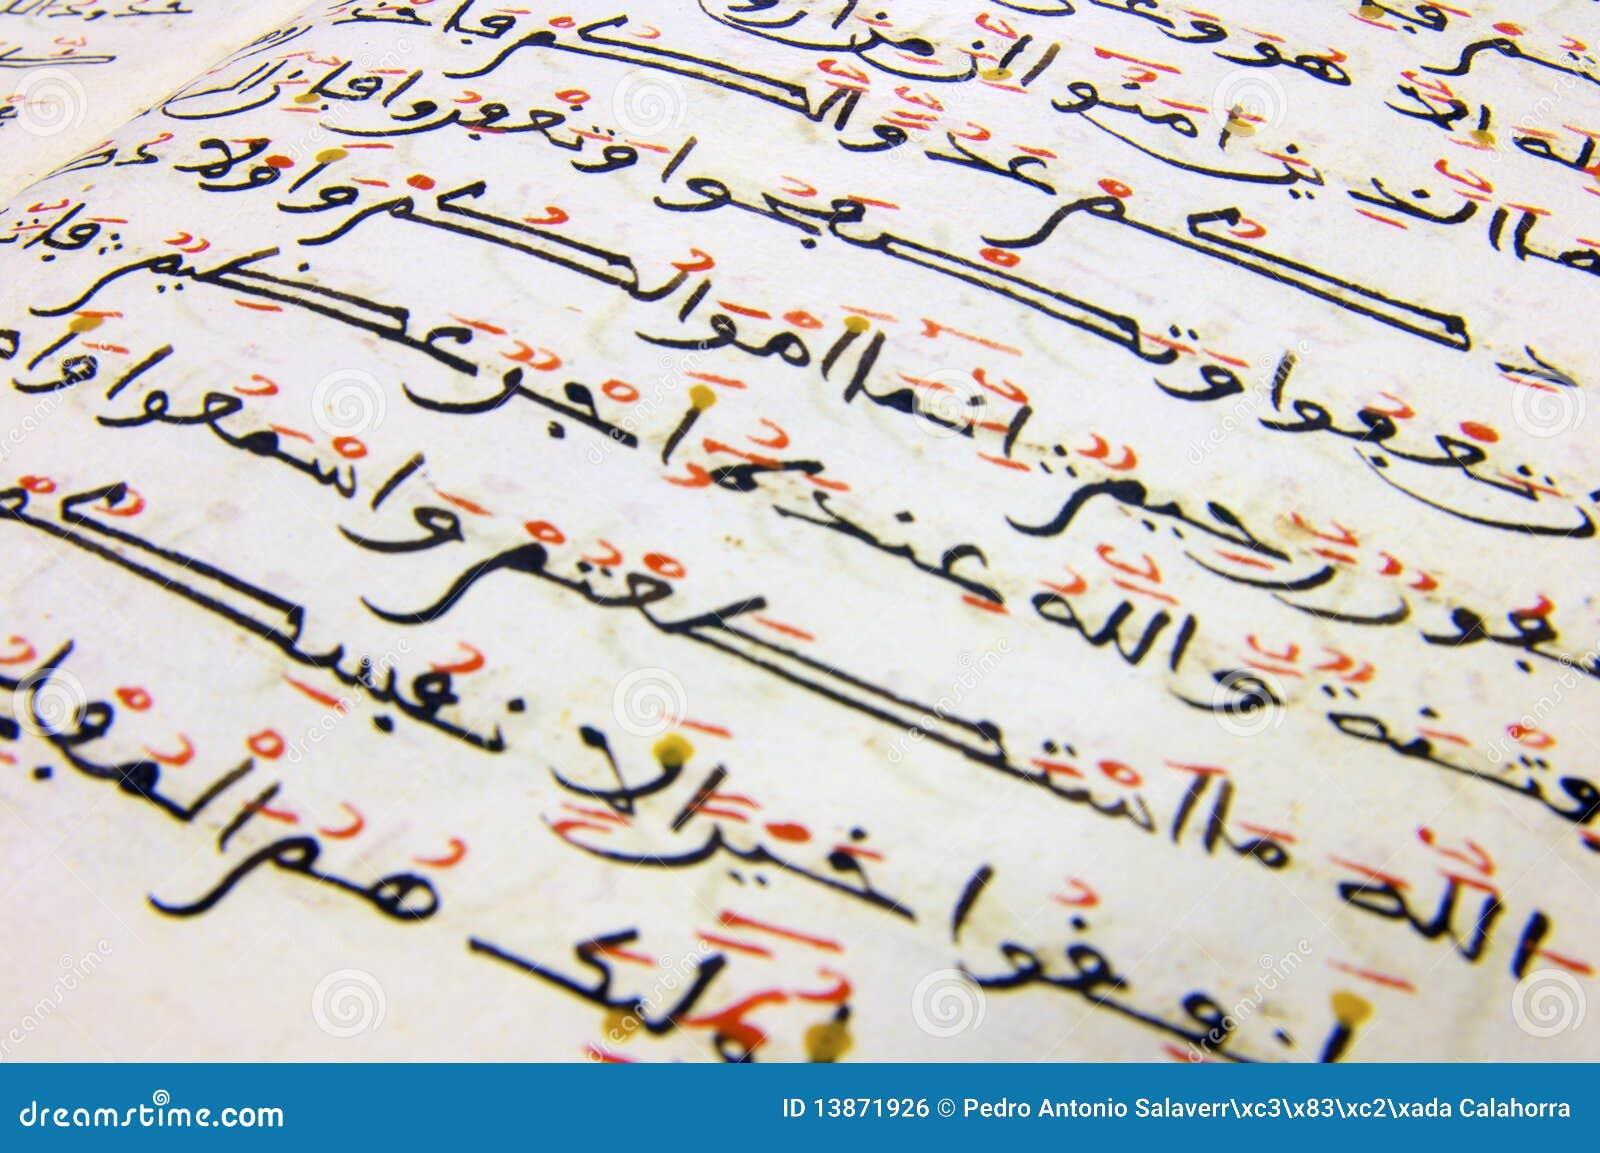 Scrittura araba fotografia stock immagine di modello - Modello di scrittura vichingo ...